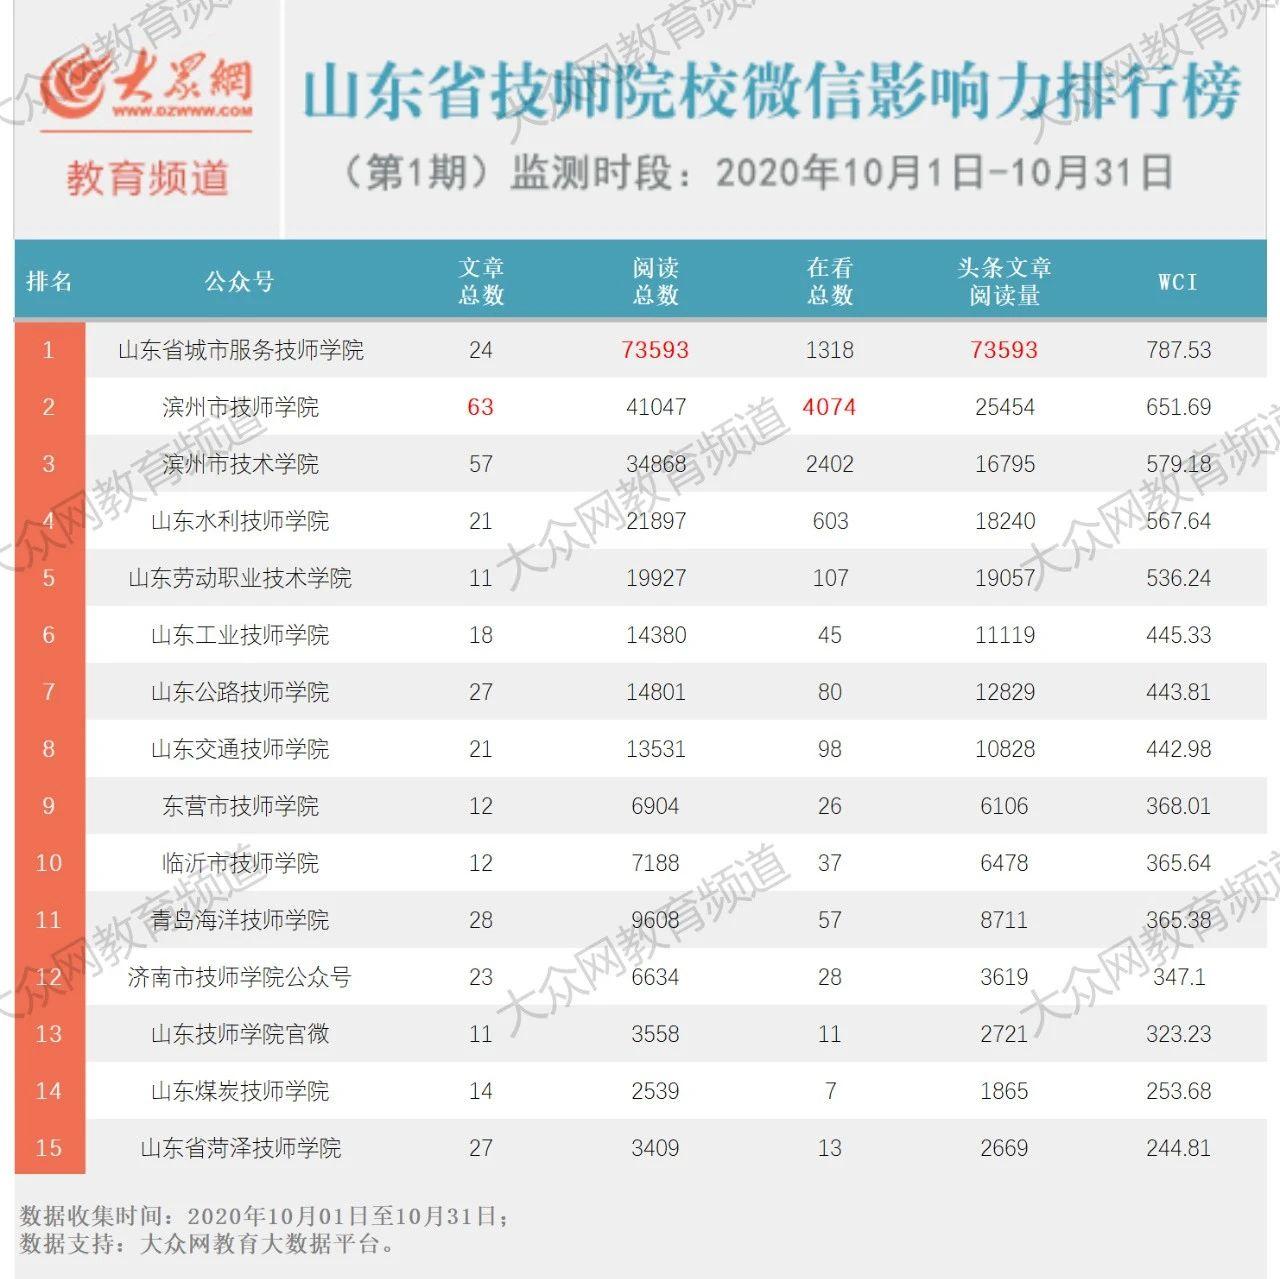 山东省技师院校微信影响力哪家强?首期排行榜出炉~(2020年10月份榜单)